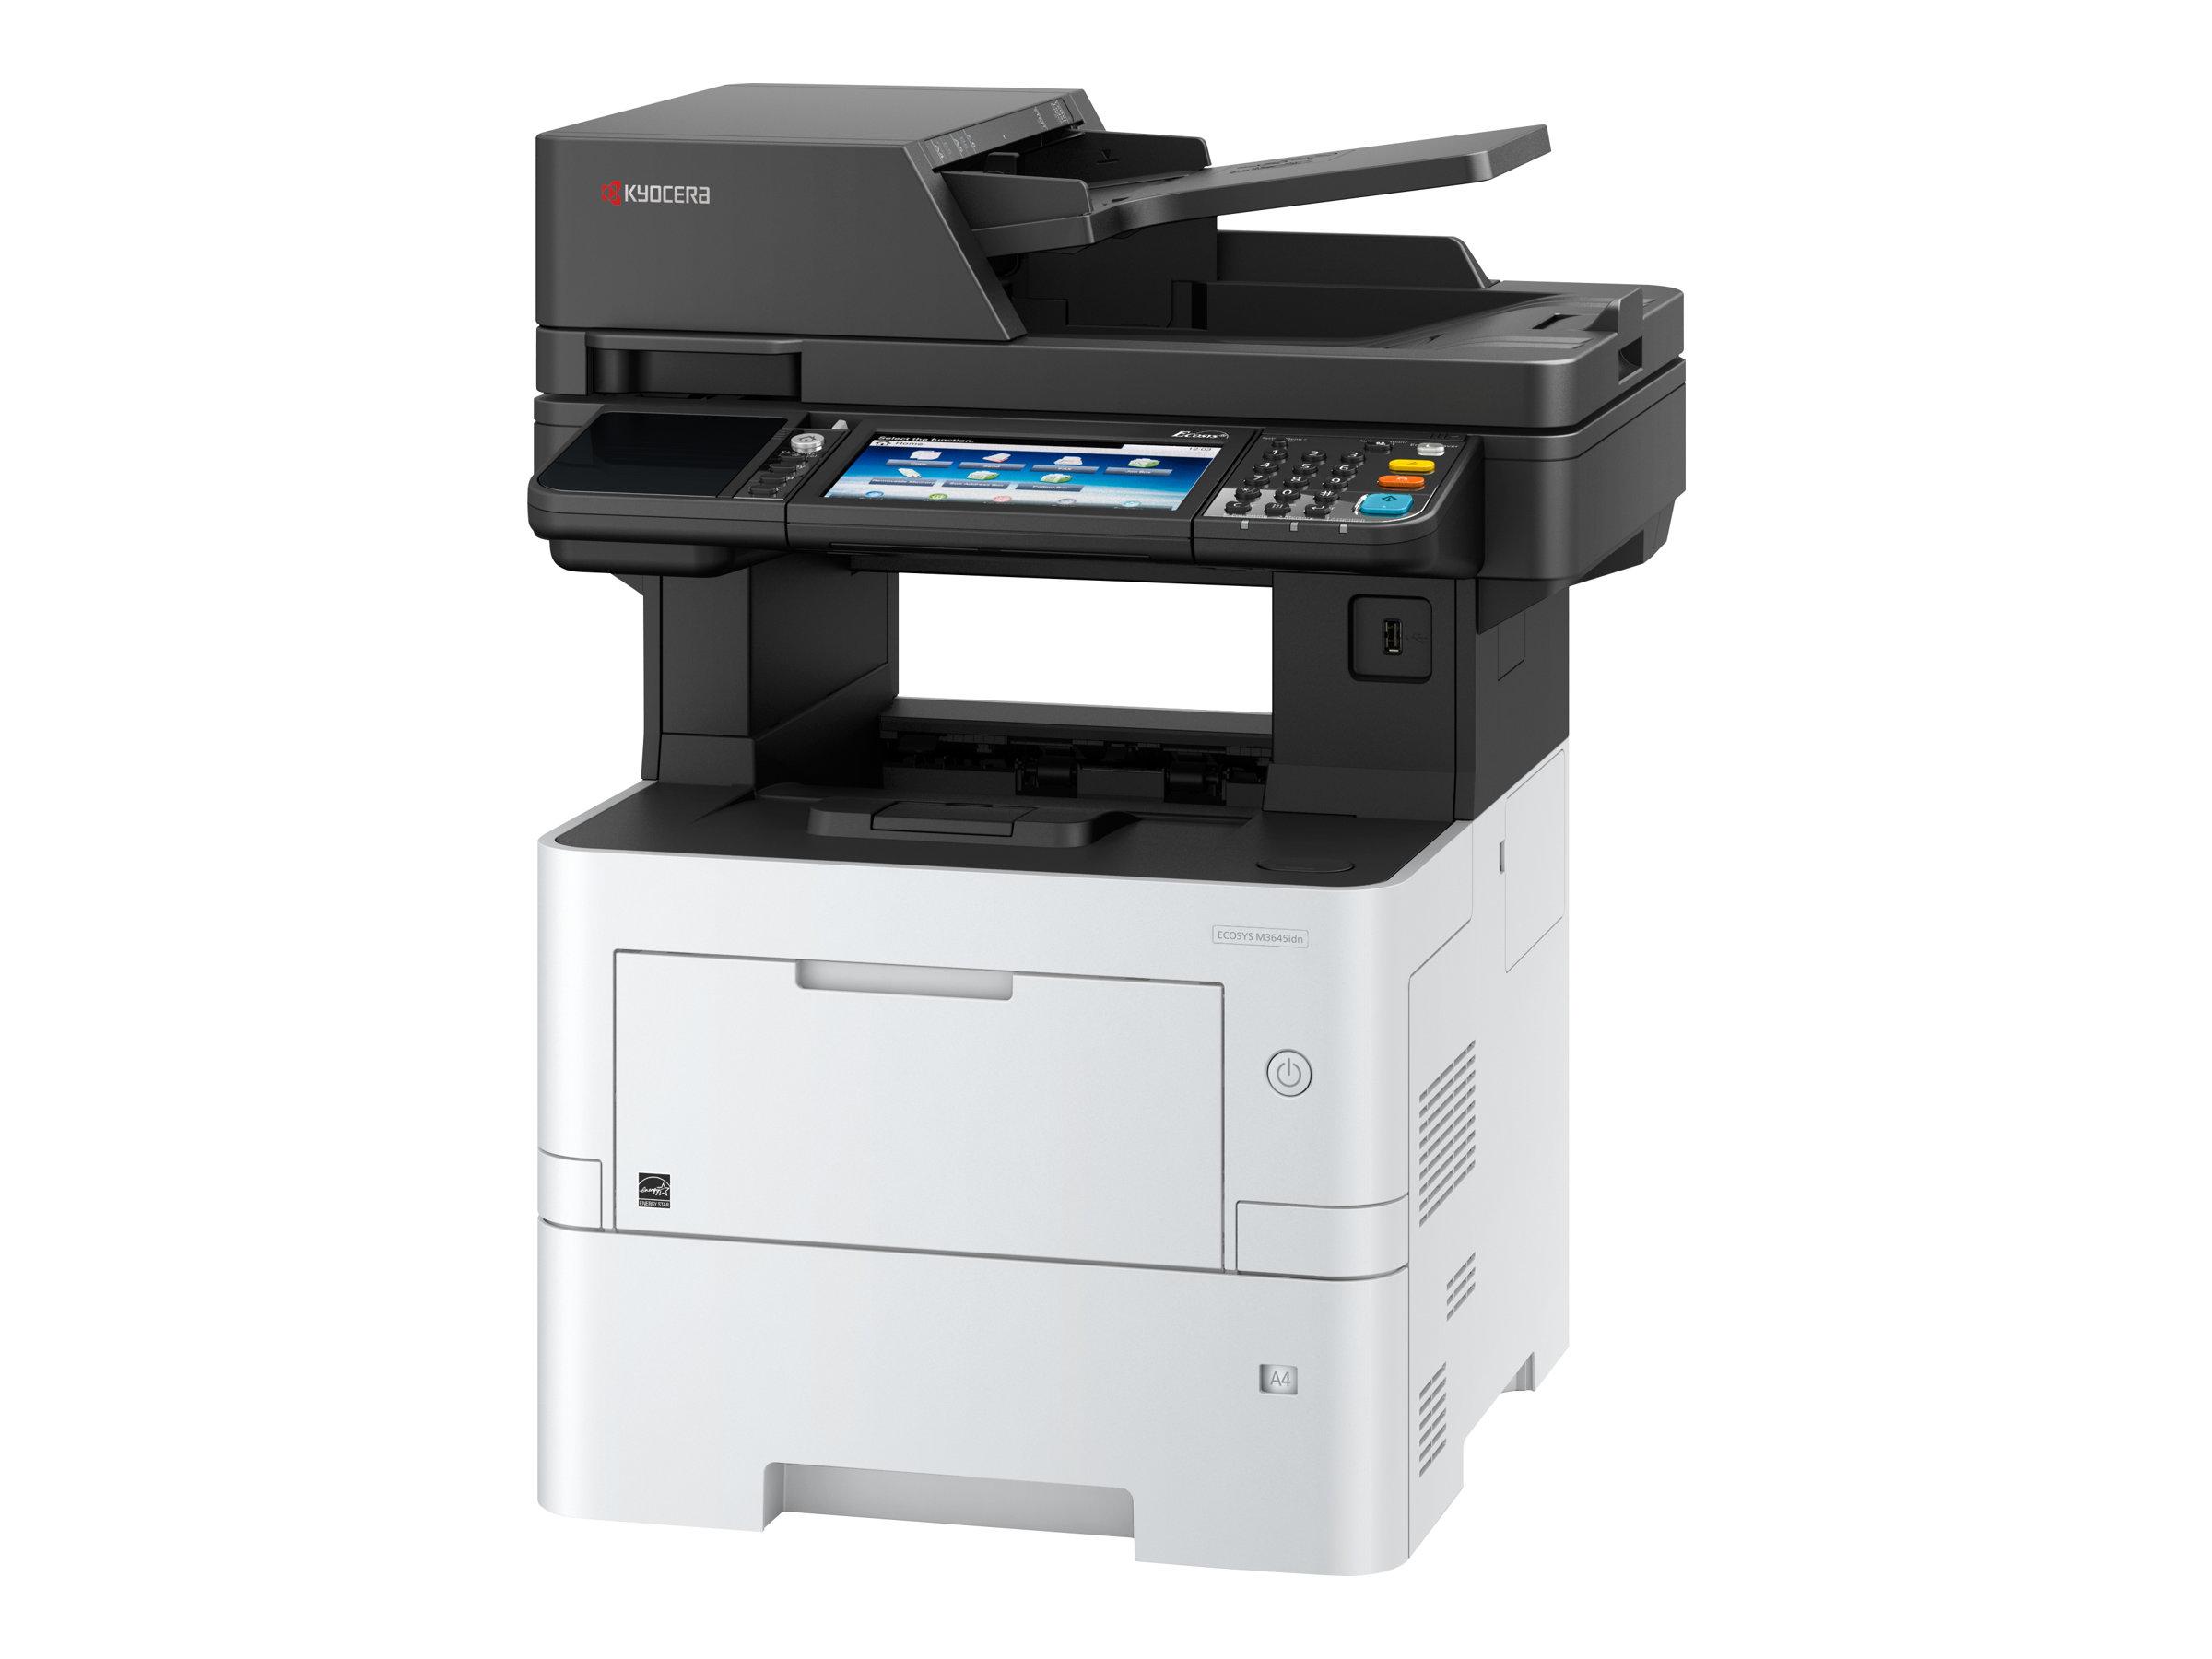 Kyocera ECOSYS M3645IDN - Multifunktionsdrucker - s/w - Laser - A4 (210 x 297 mm), Legal (216 x 356 mm) (Original) - A4/Legal (M